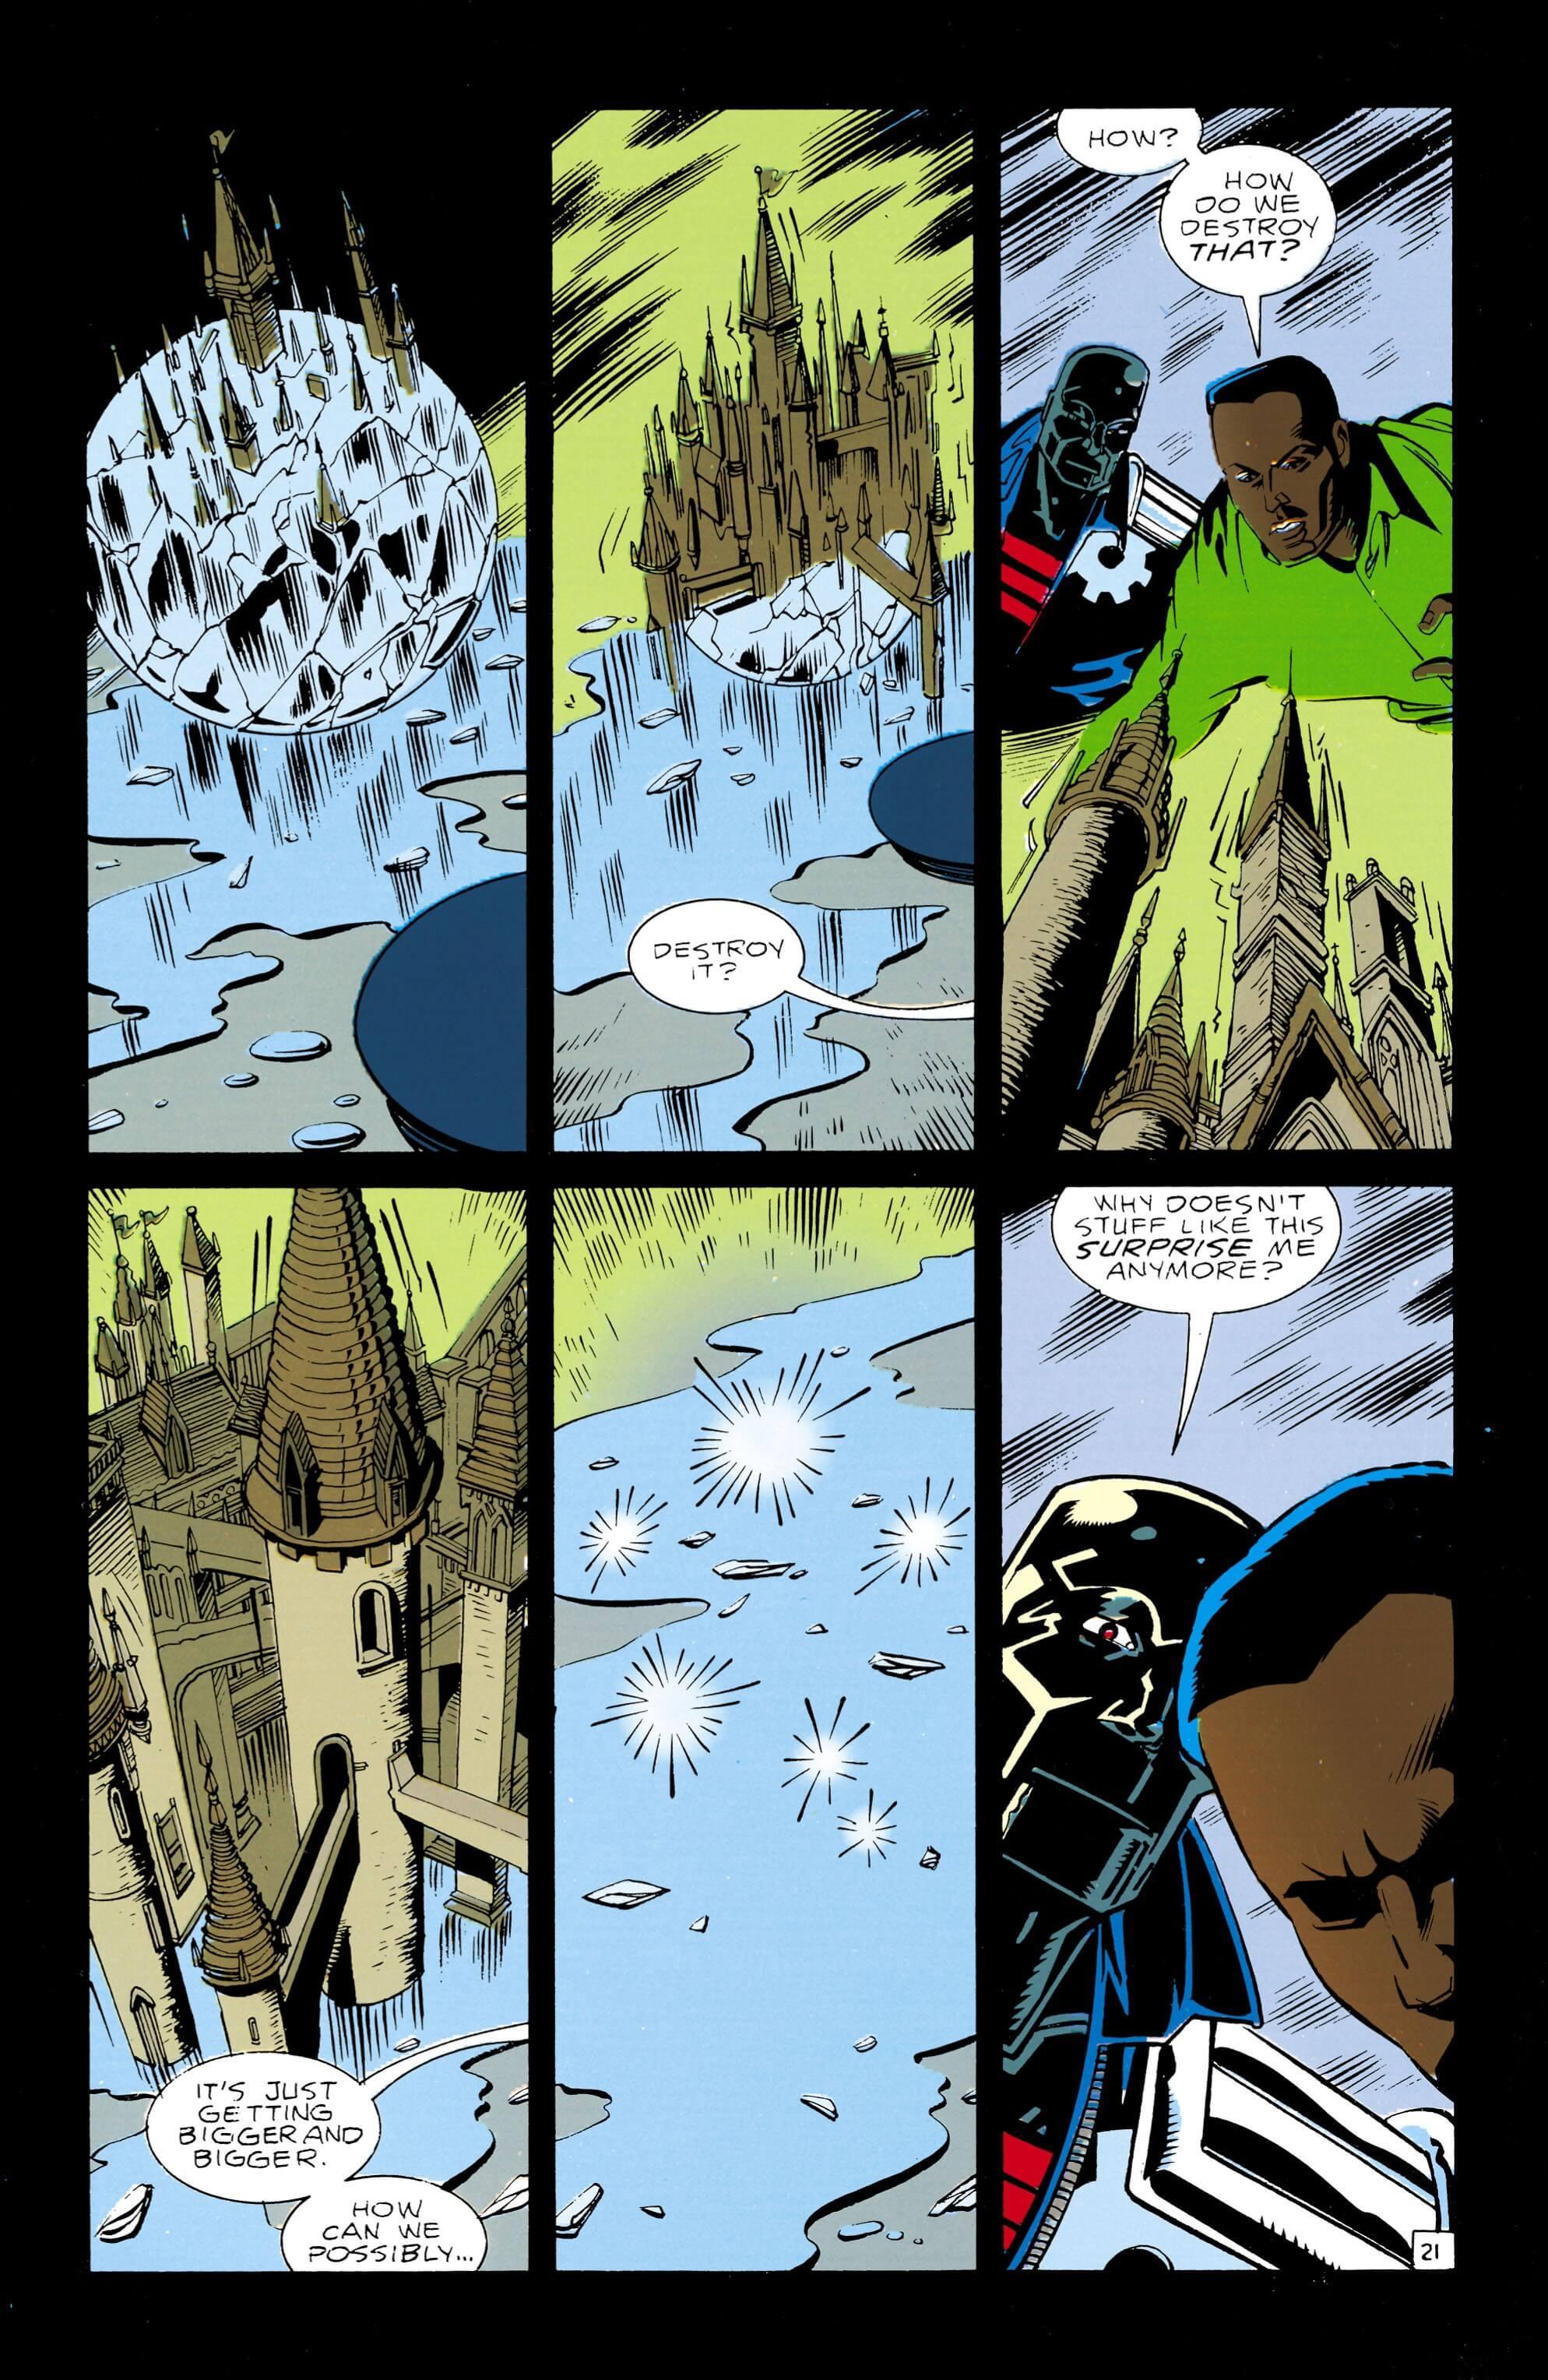 Doom Patrol 33 (1).jpg